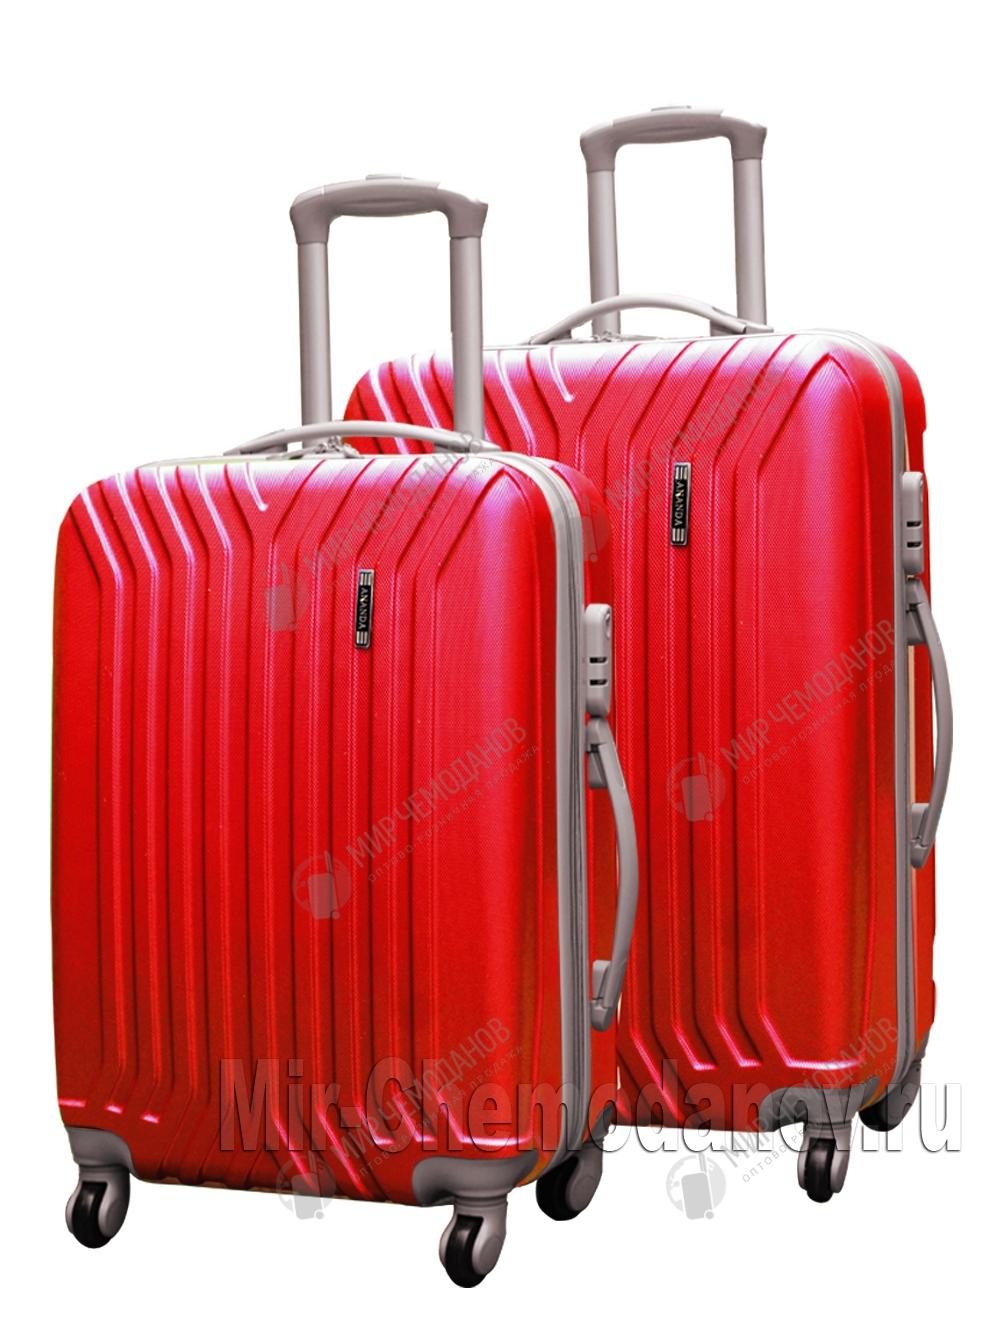 Последний сбор чемоданов в этом году